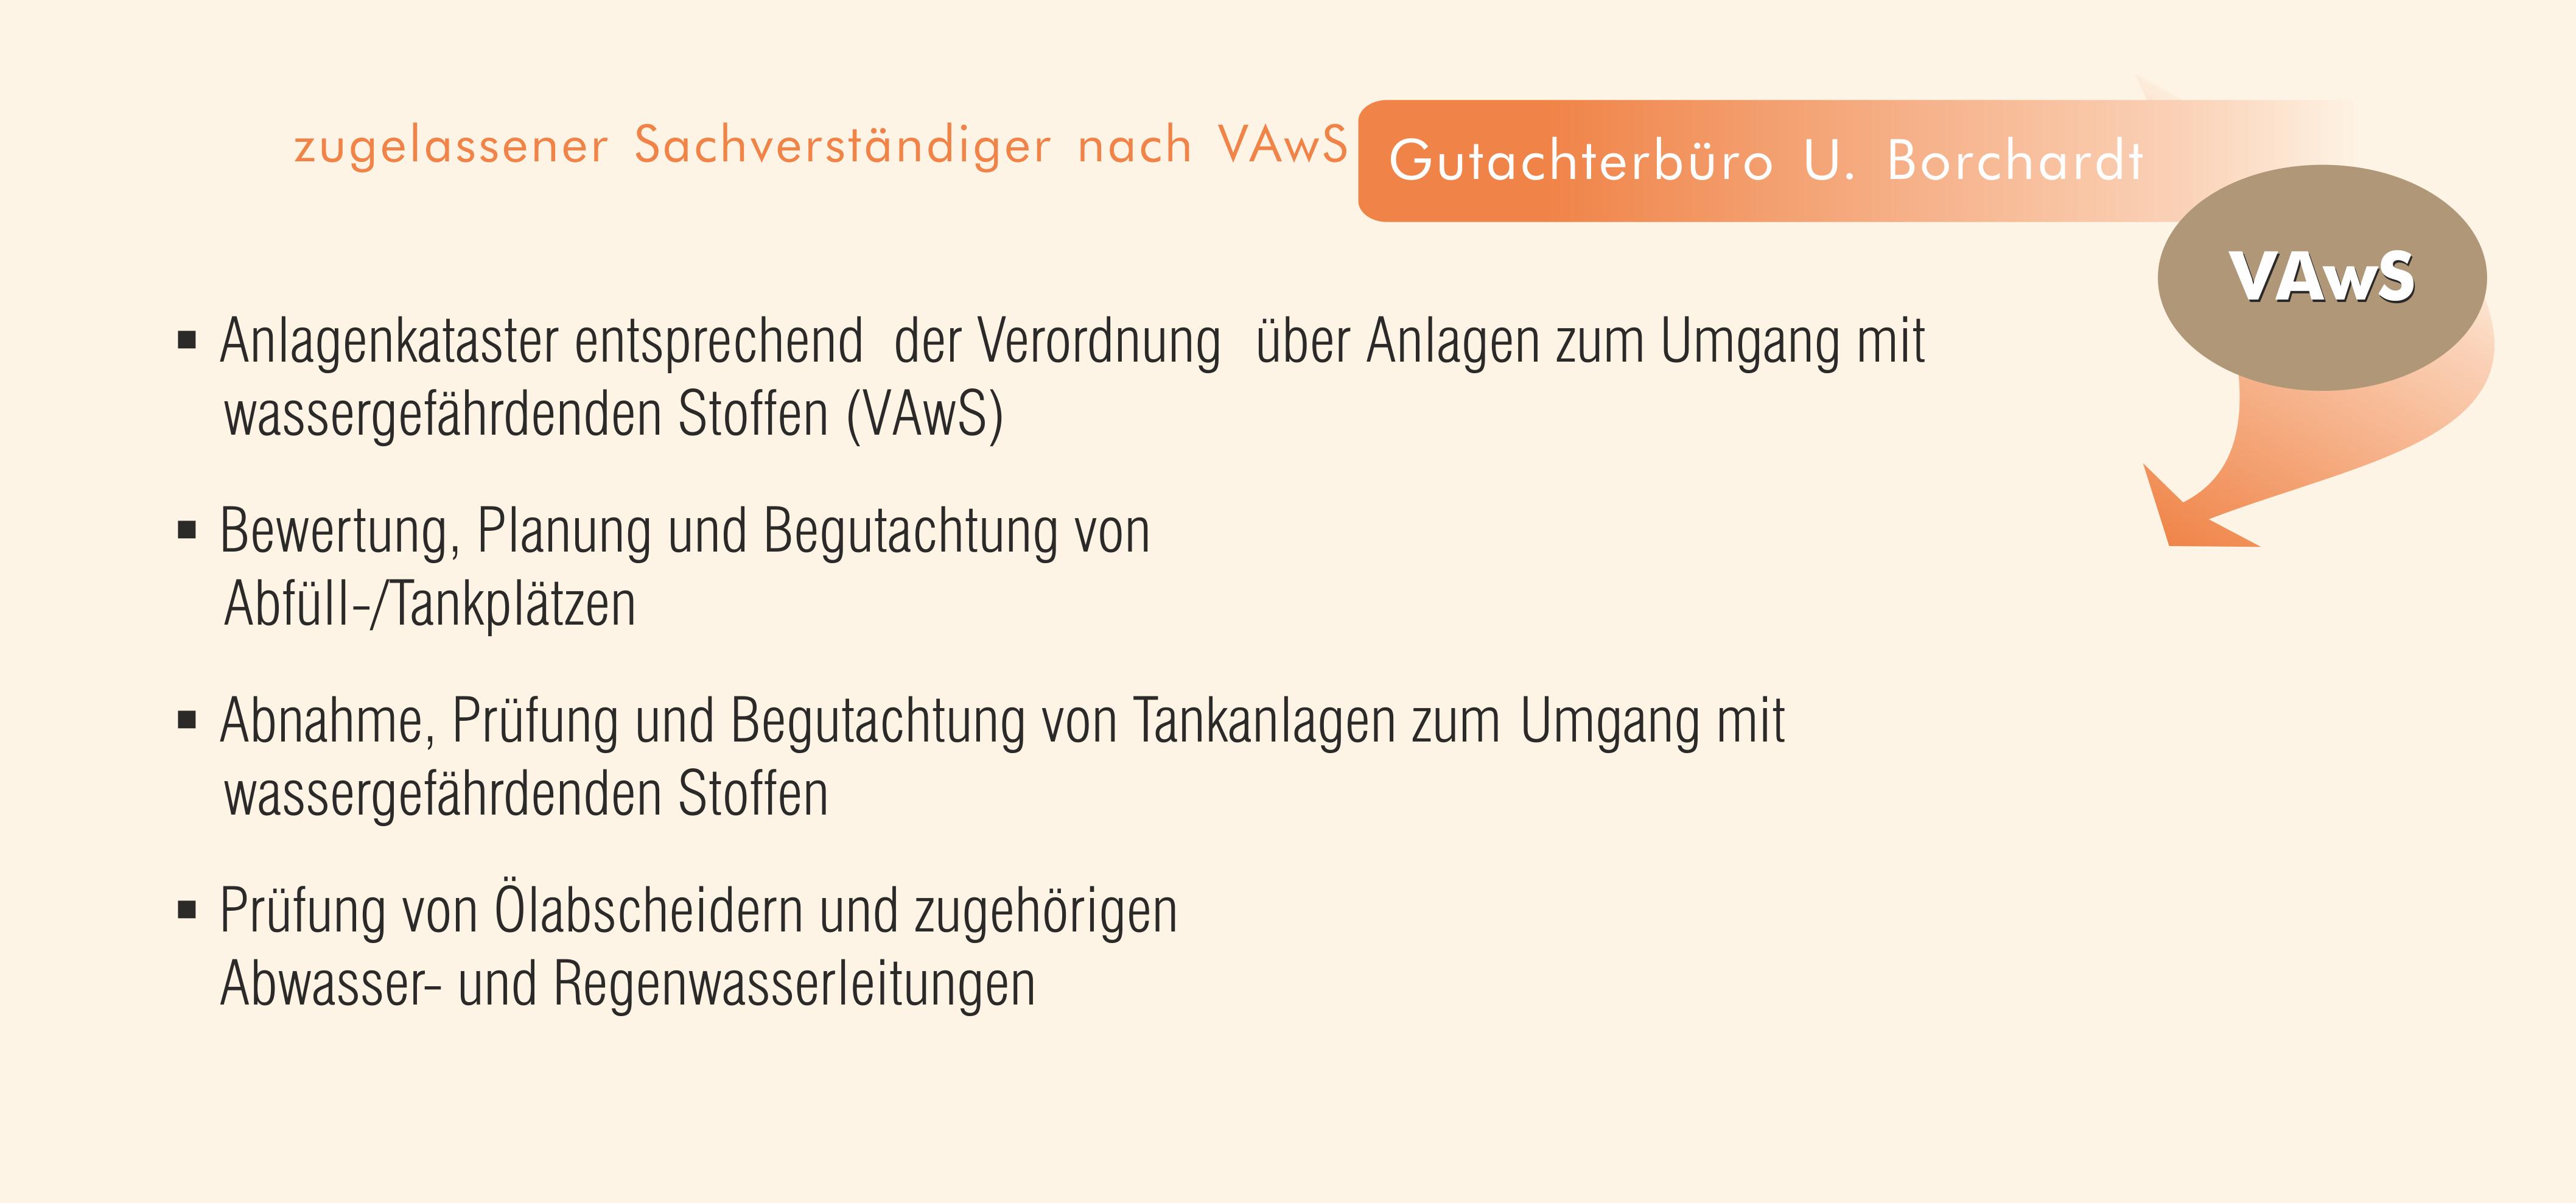 Gutachterbüro Ulrich Borchardt - Unsere Leistungen